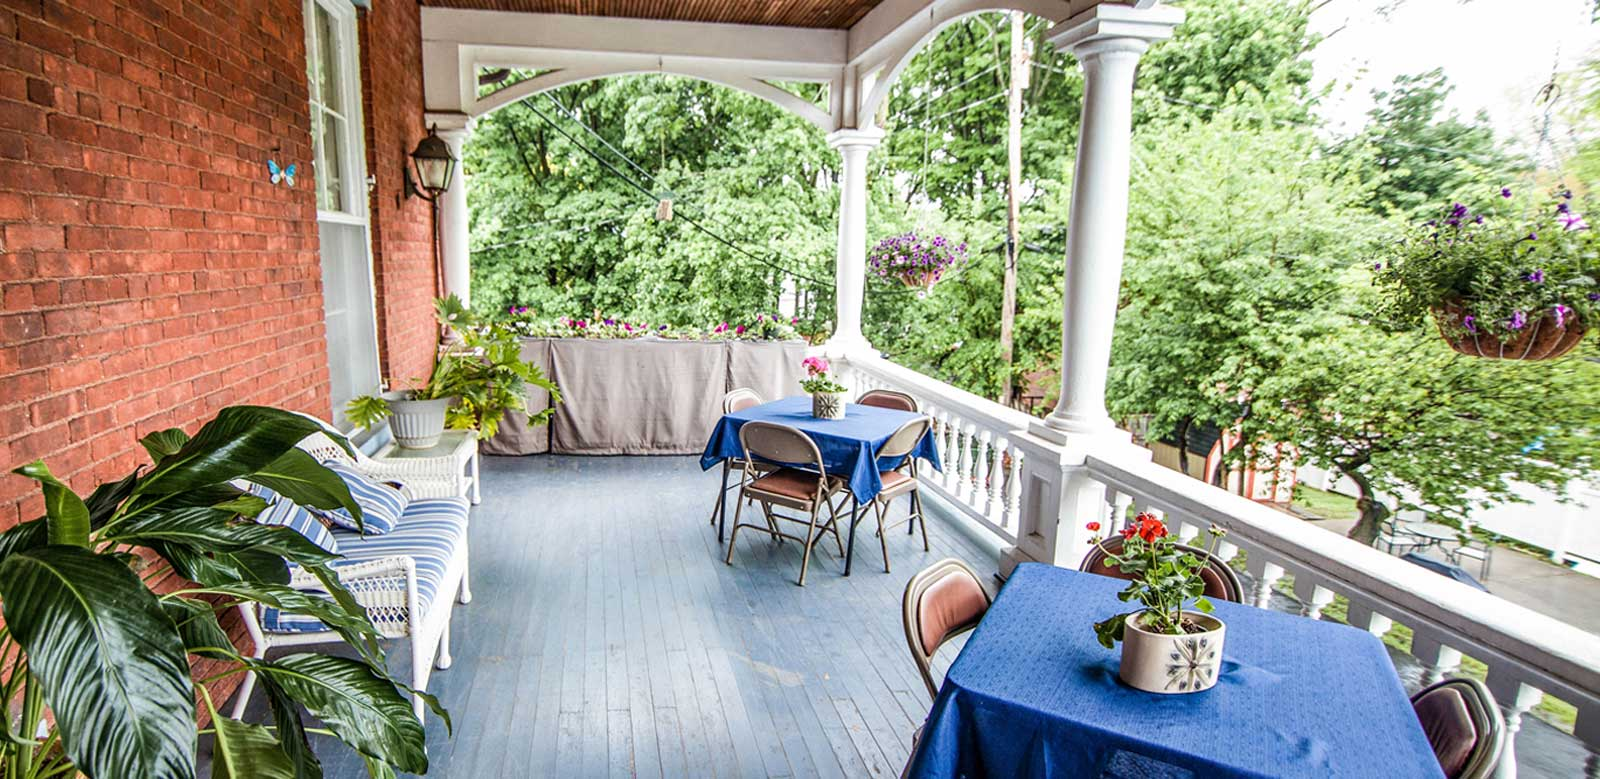 porch at Vassar Warner Home